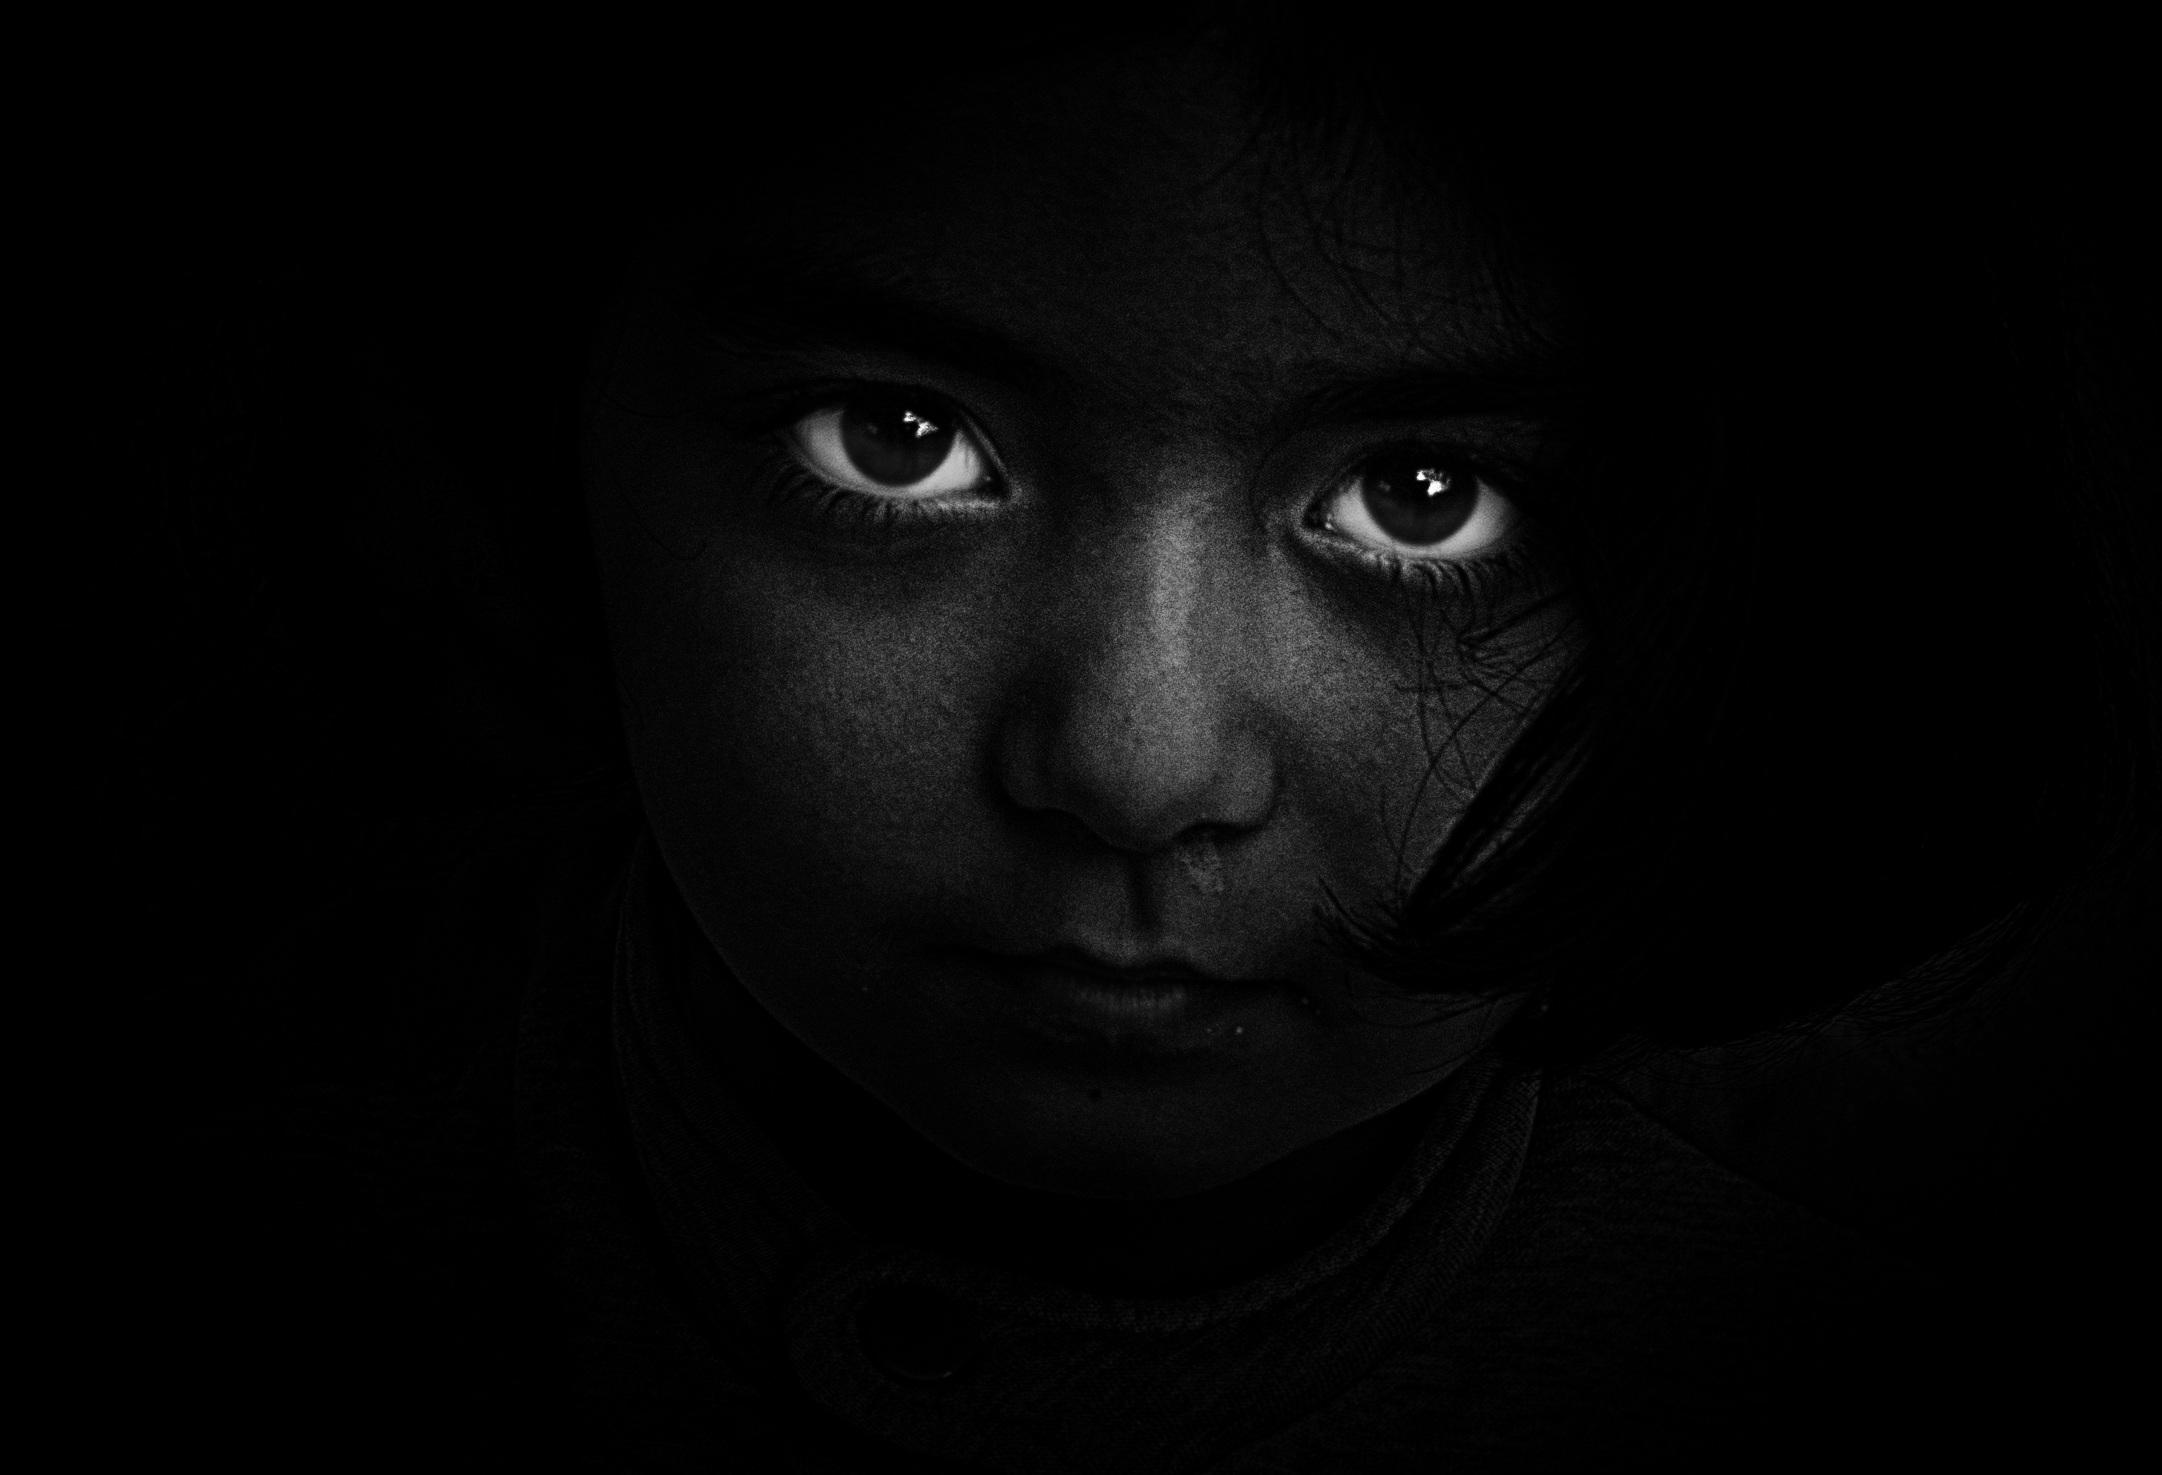 Điều cần biết về chứng ấu dâm và cách bảo vệ trẻ em trước kẻ ấu dâm